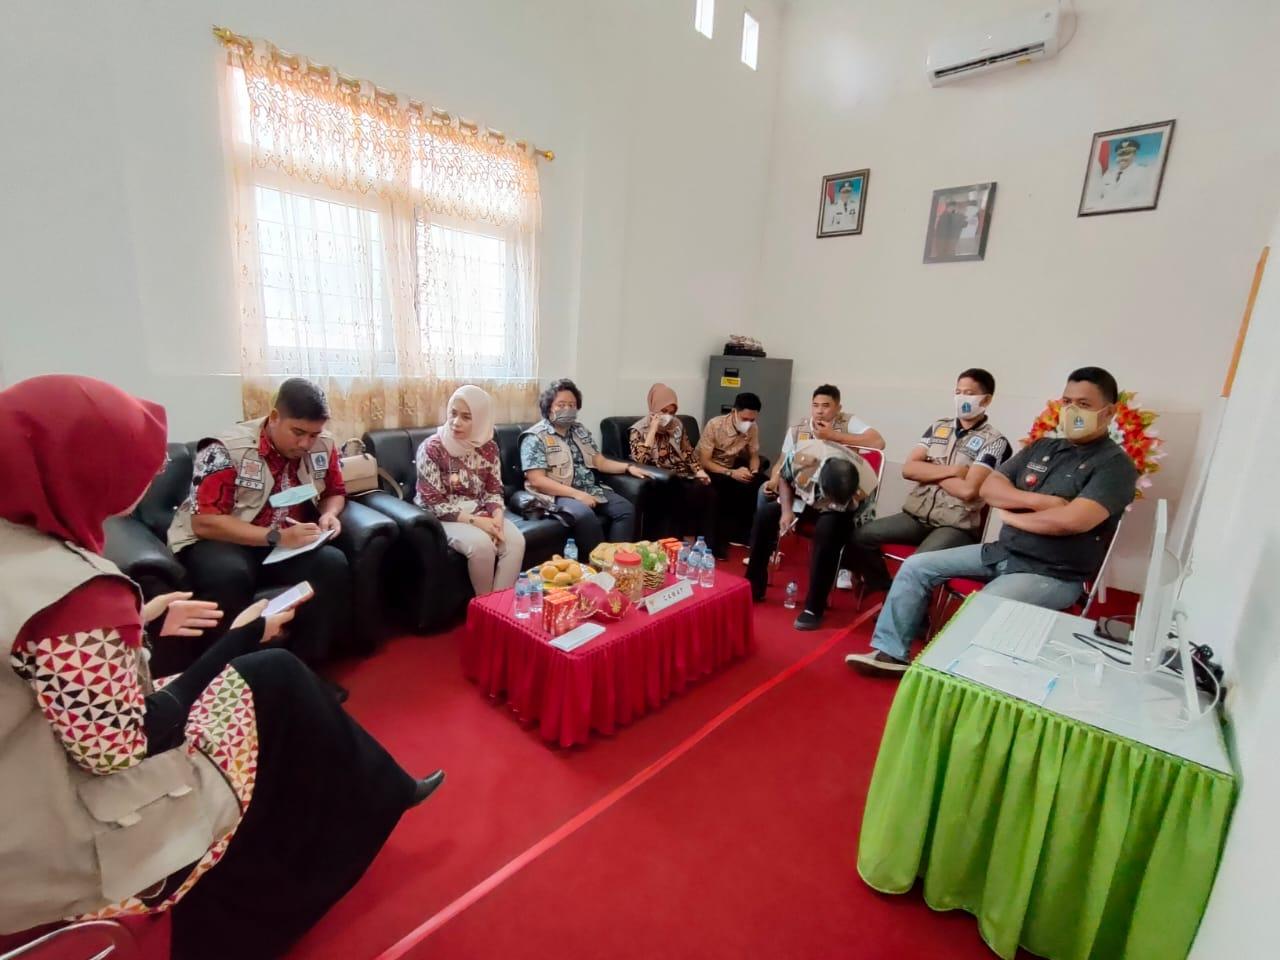 Gelar Rapat Evaluasi Internal, Pemerintah Kecamatan Tanete Riattang Bahas ini